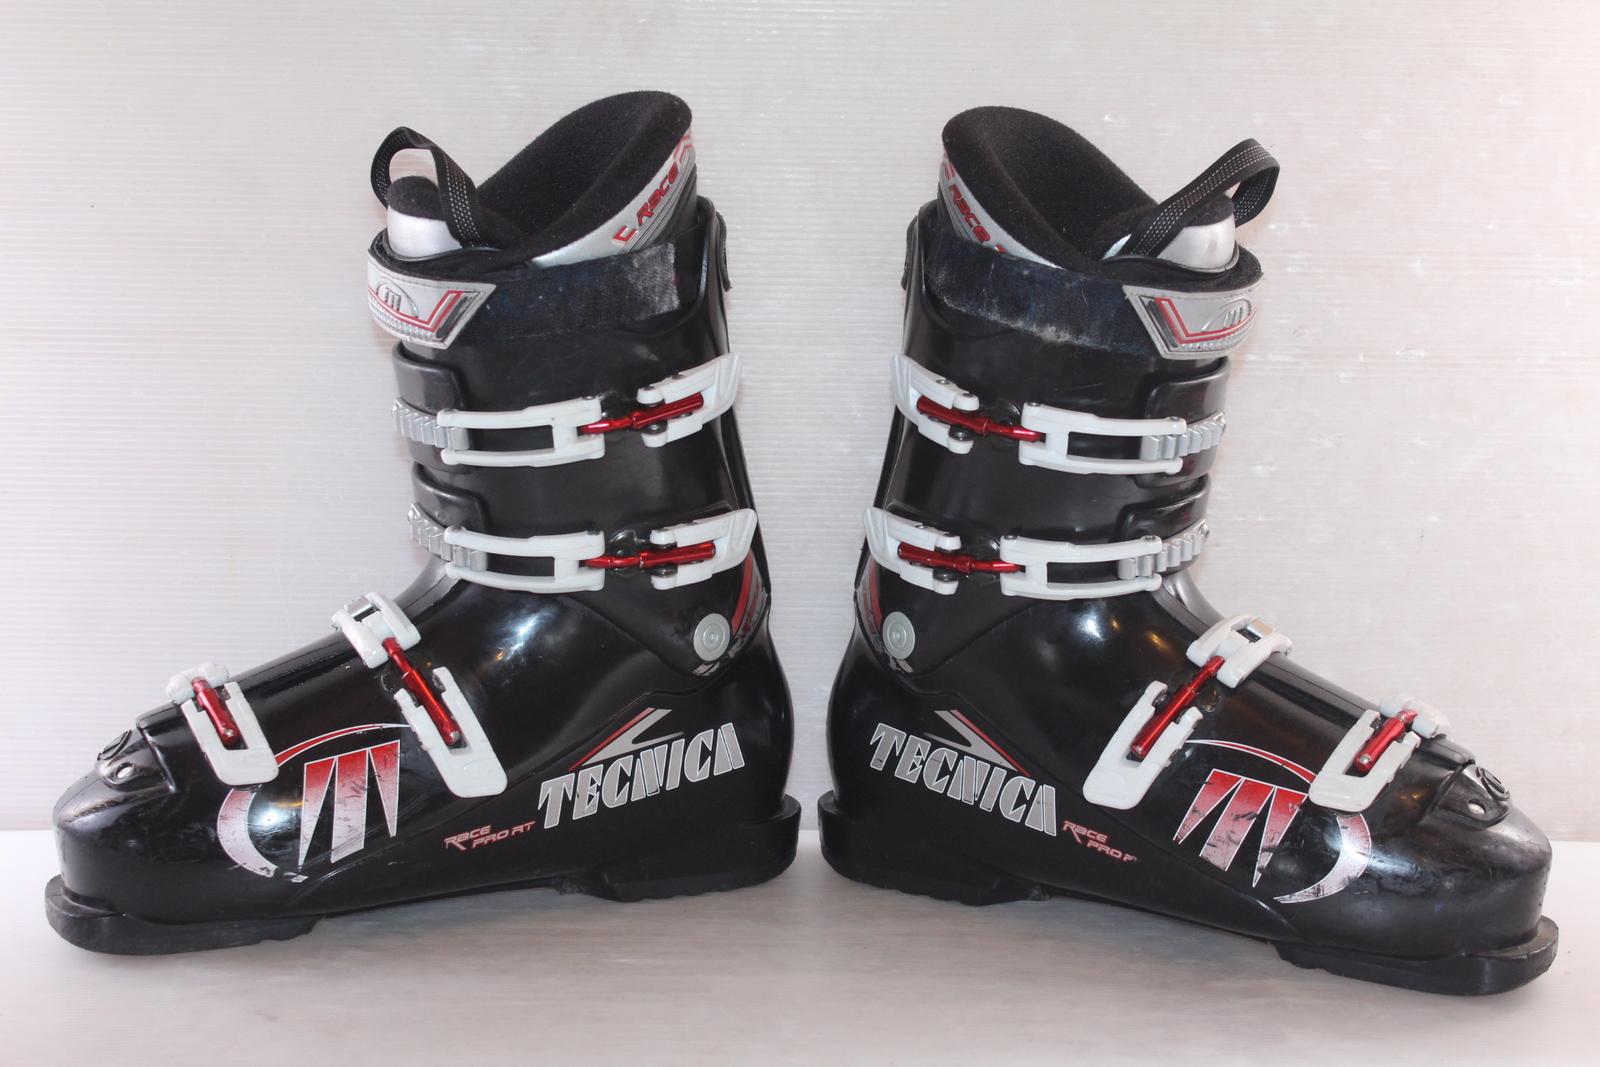 Dětské lyžáky Tecnica Diablo Race Pro RT vel. EU42.5